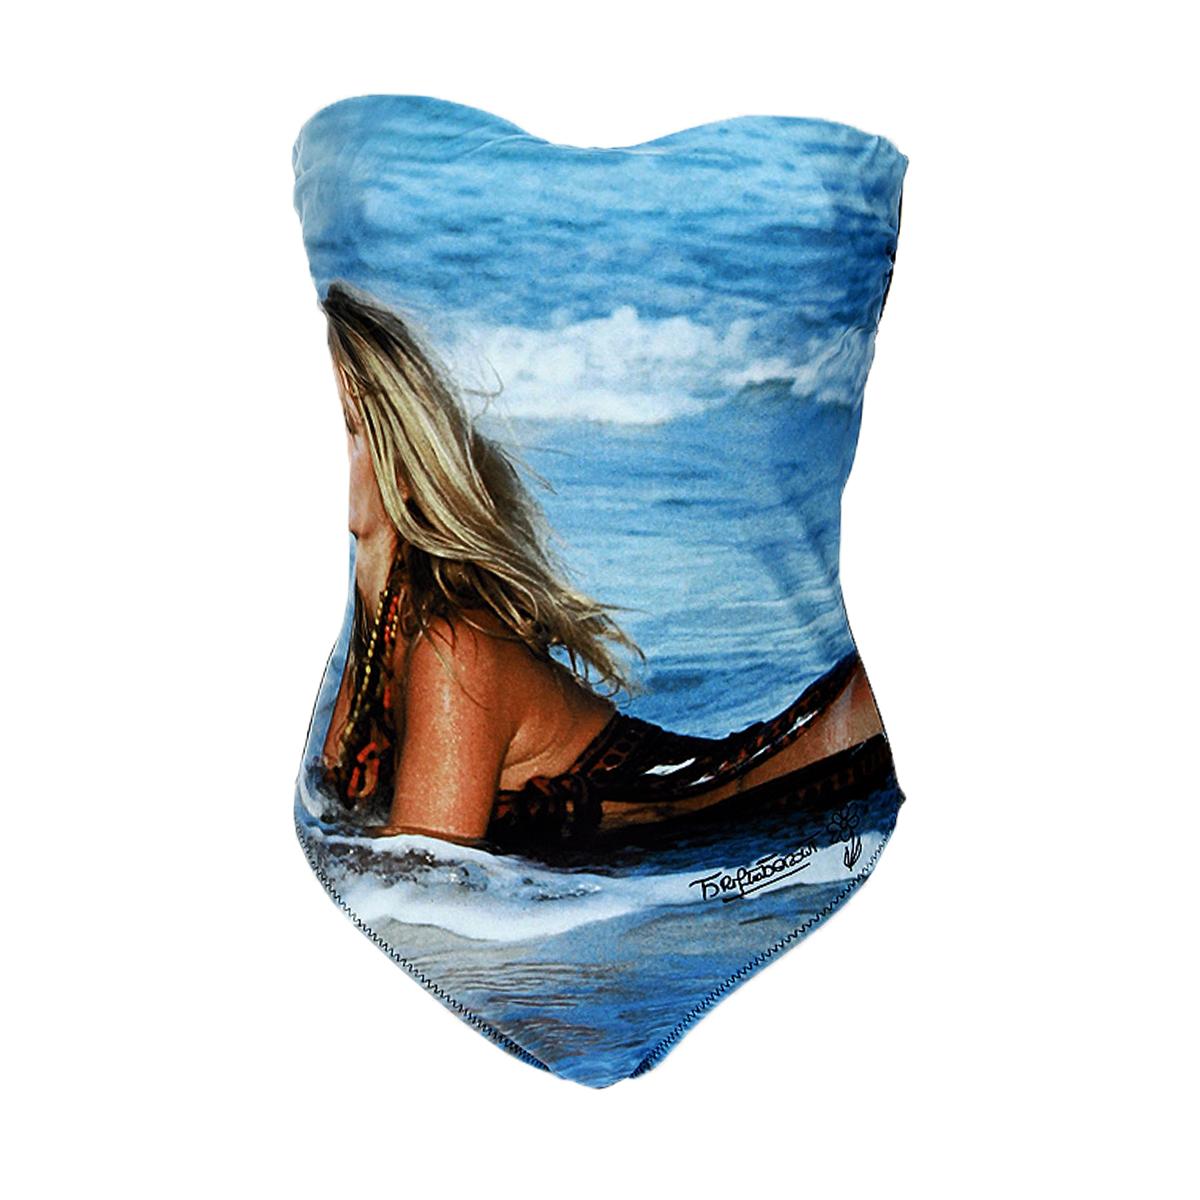 Купальник слитный42201Стильный женский купальник-монокини Brigitte Bardot, изготовленный из нейлона с небольшим добавлением эластана, позволяет коже дышать, быстро сохнет и сохраняет первоначальный вид и форму даже при длительном использовании. Модель сзади застегивается на металлическую защелку, имеет скрытые чашечки с косточками, что позволяет хорошо поддерживать грудь, а также съемные бретельки, которые завязываются на шее. Такой купальник поможет вам легко создать очень женственный и незабываемый пляжный образ.